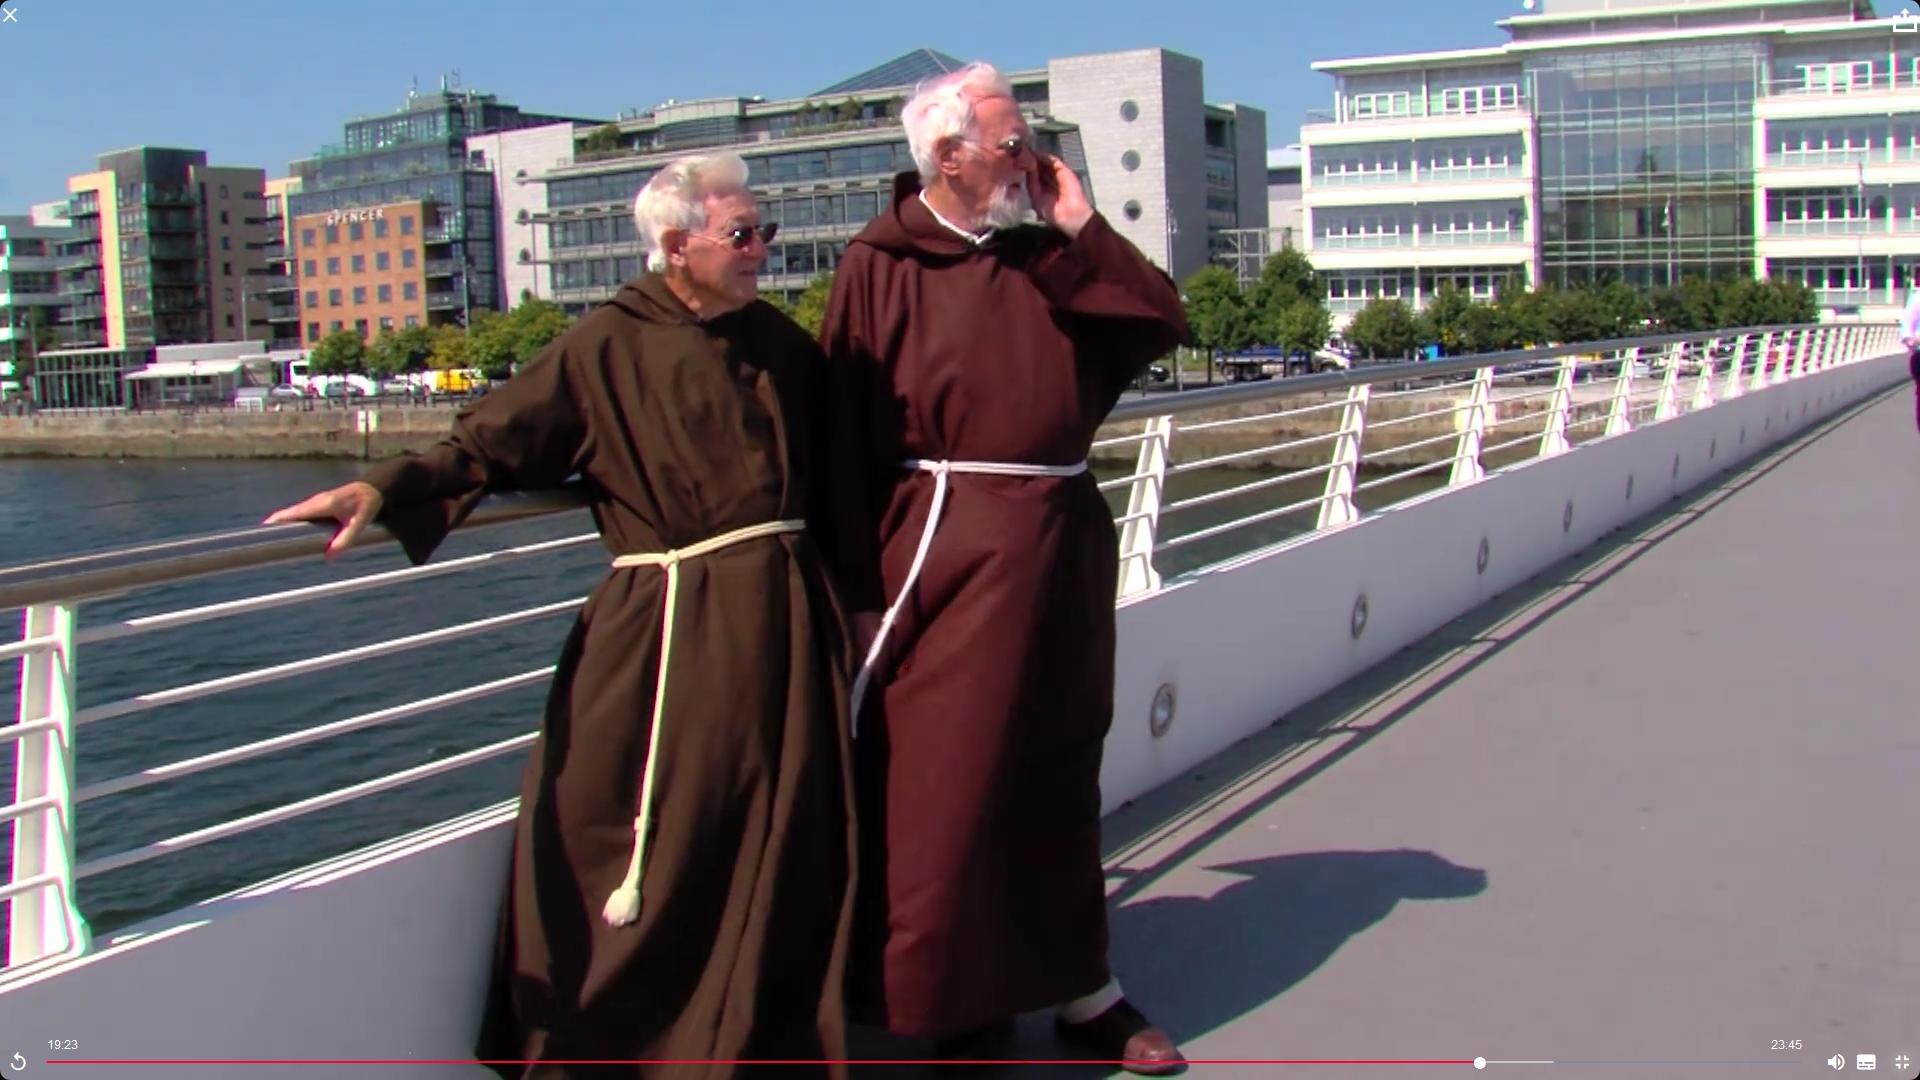 Fr Brian (left) & Fr Jude